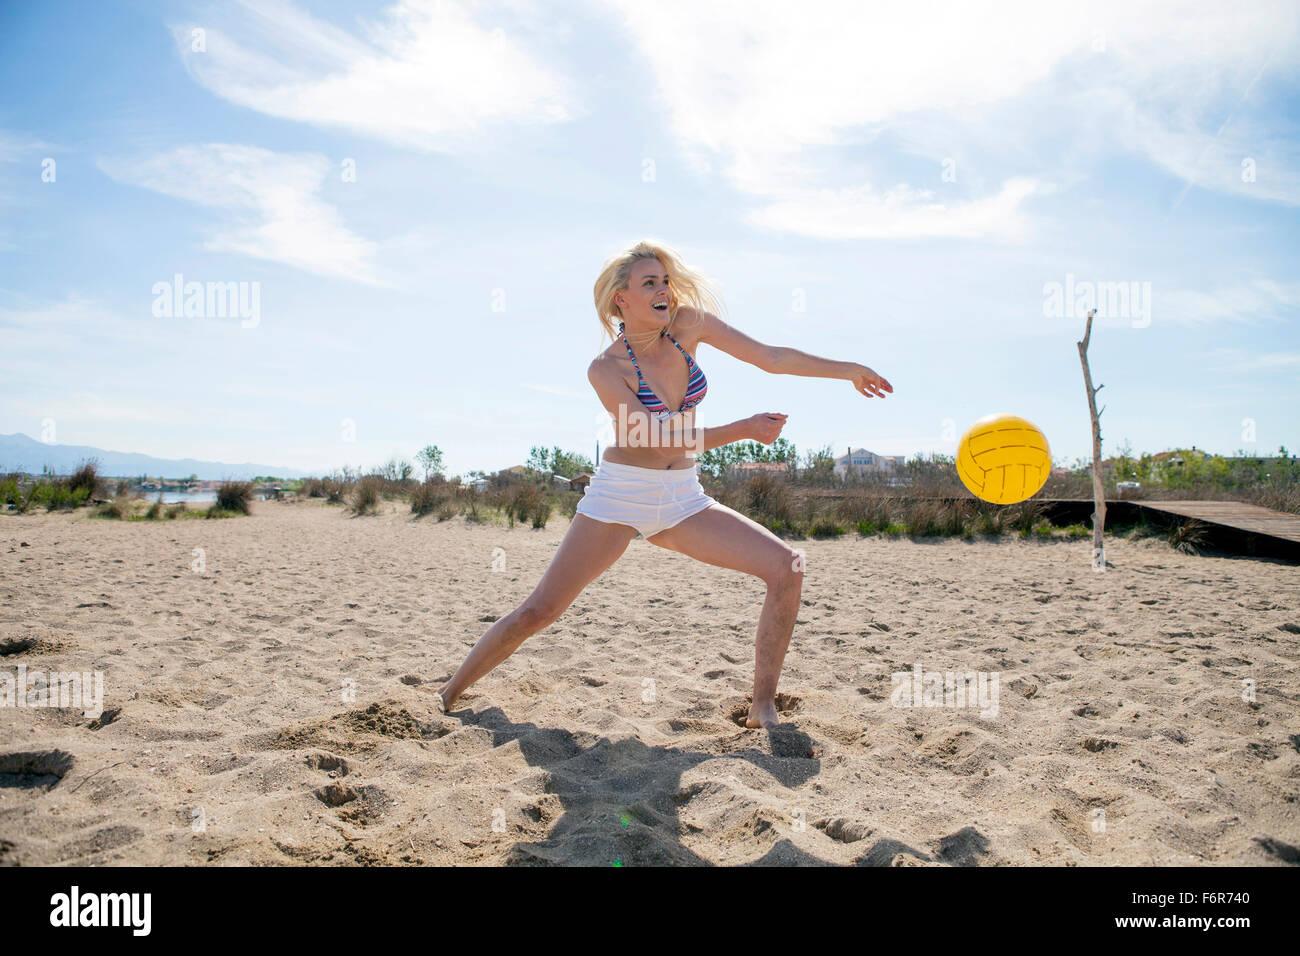 Chica jugando voleibol de playa Imagen De Stock